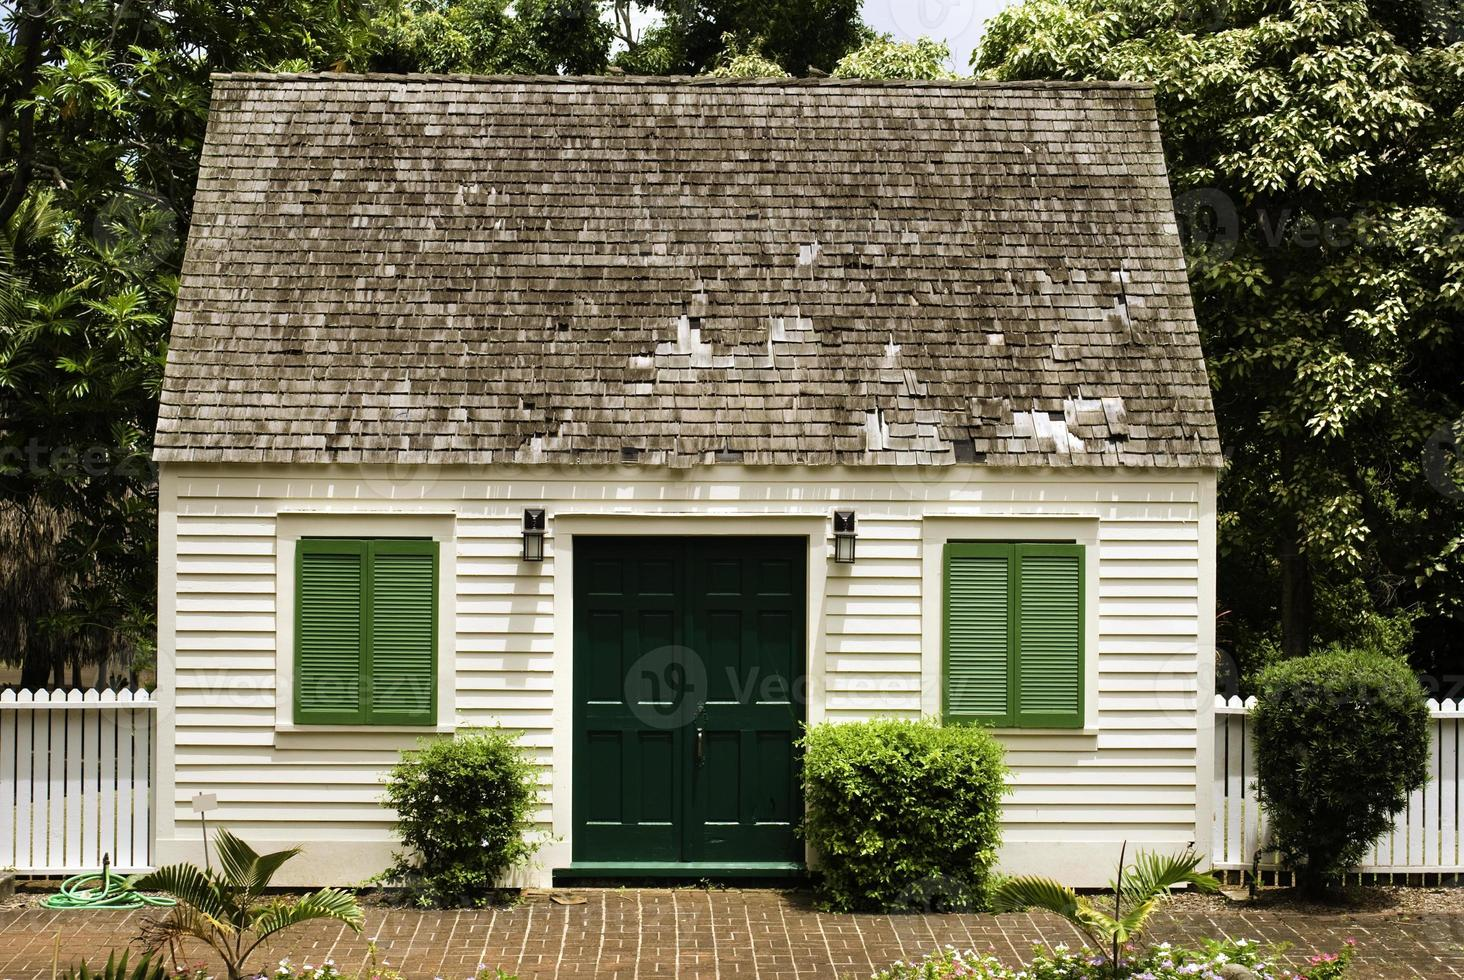 pequeña casa con patio delantero de ladrillo y valla blanca foto